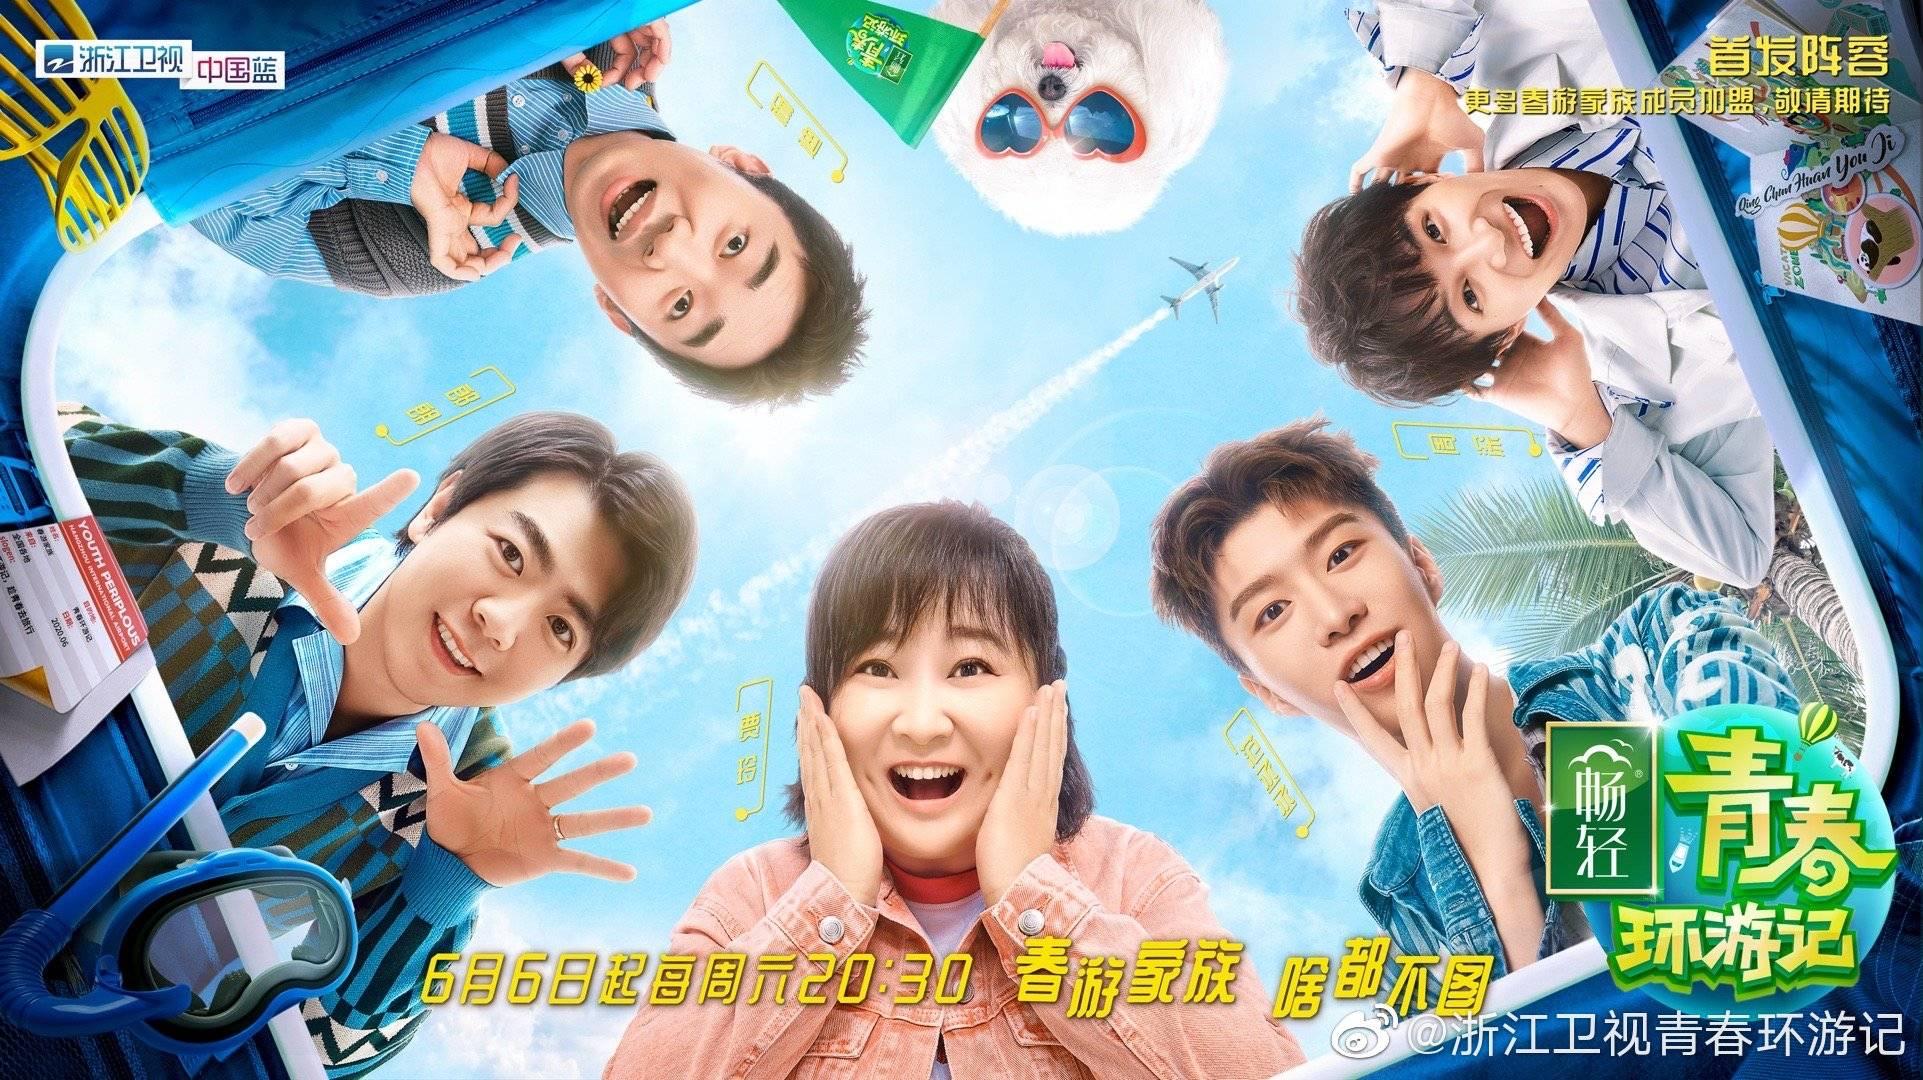 《青春环游记2》豆瓣评分7.2 2020年户外旅行真人秀口碑第一